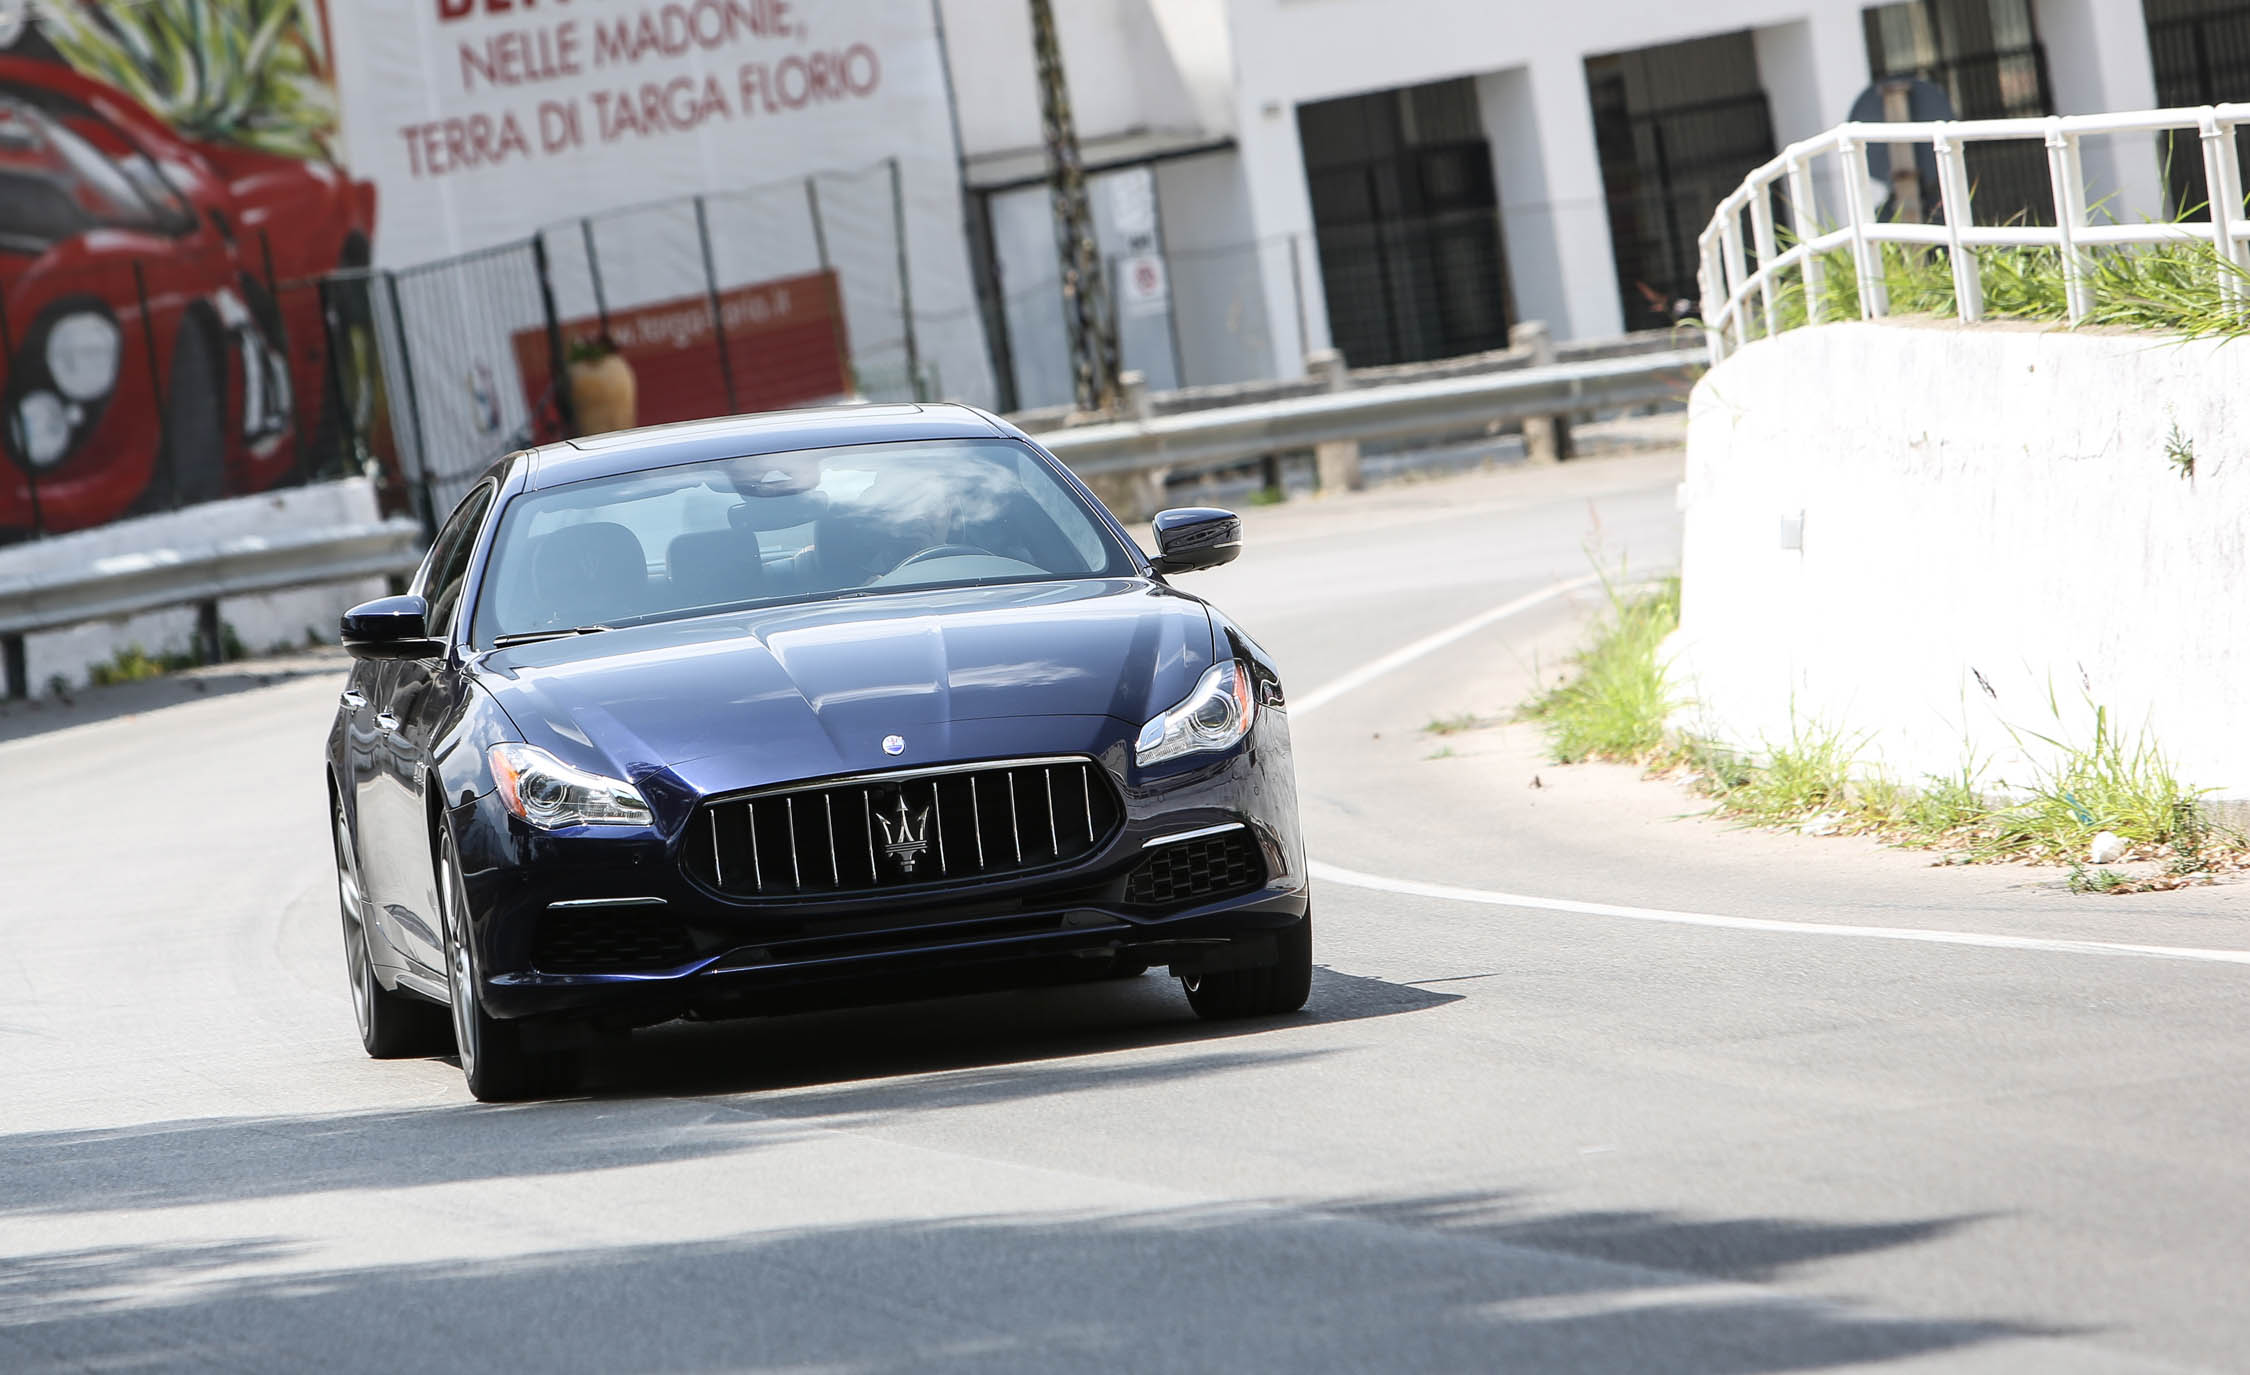 2017 Maserati Quattroporte GTS GranLusso (View 10 of 55)